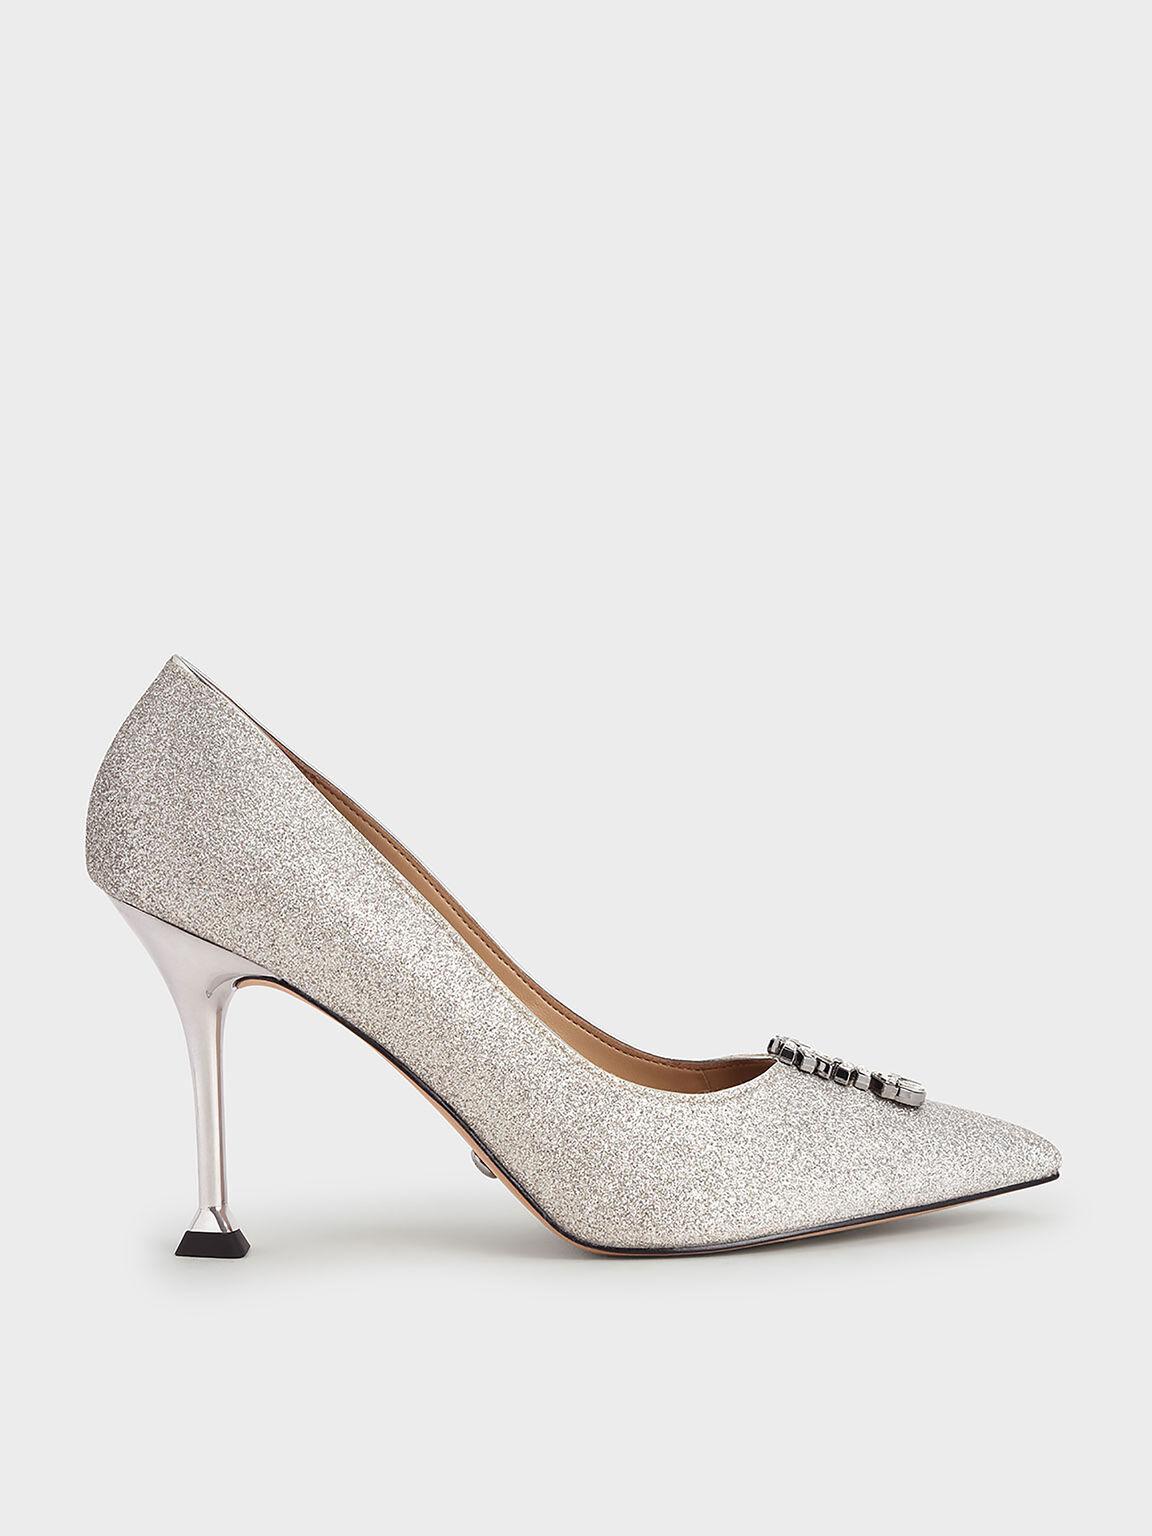 Wedding Collection: Glitter Gem-Embellished Pumps, Silver, hi-res